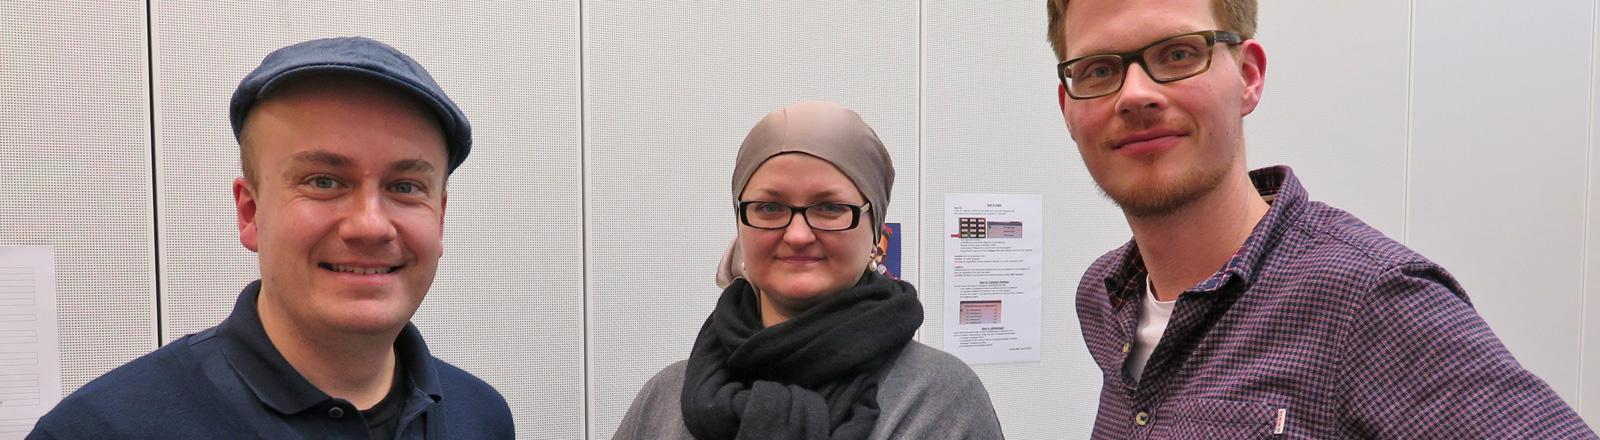 Vykinta Ajami steht im Studio, neben ihr die Moderatoren Daniel Fiene und Herr Pähler.